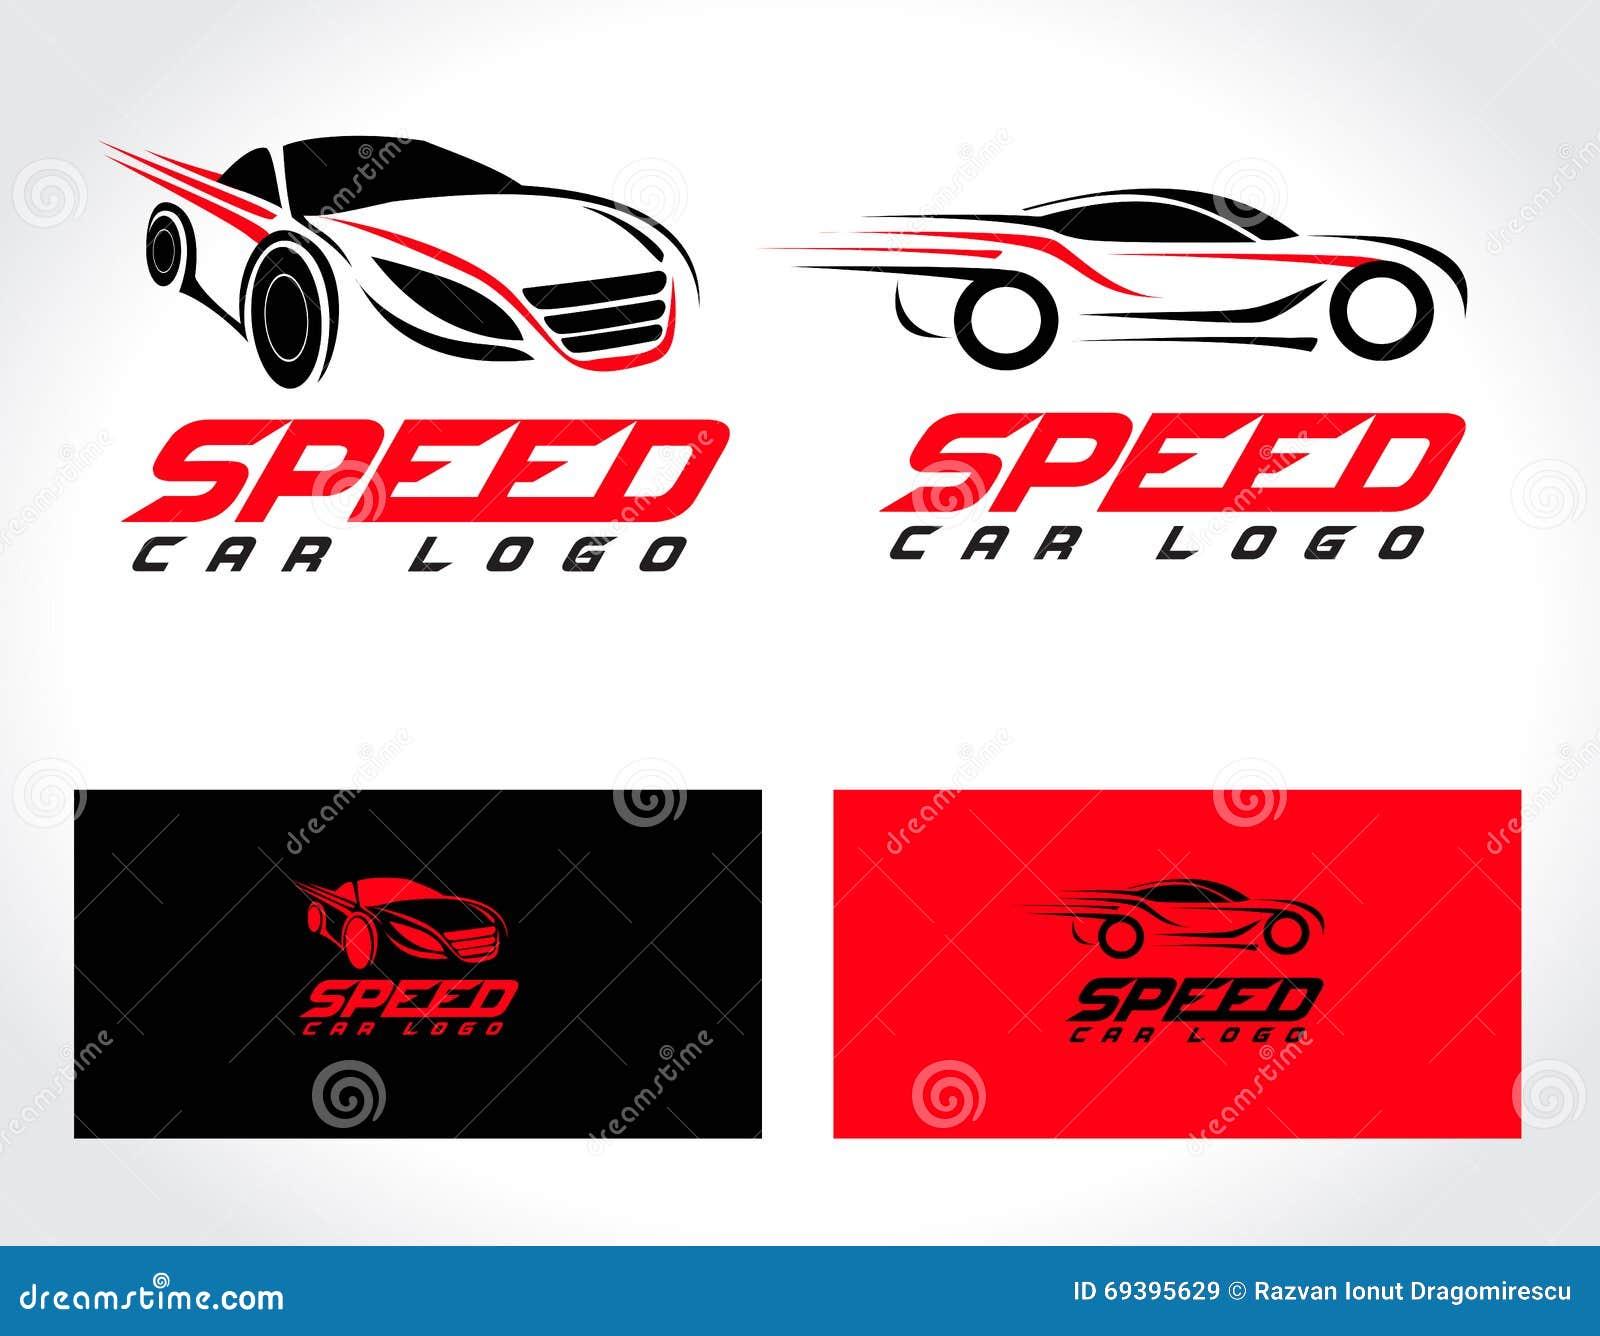 Car Logo Design Stock Vector - Image: 69395629